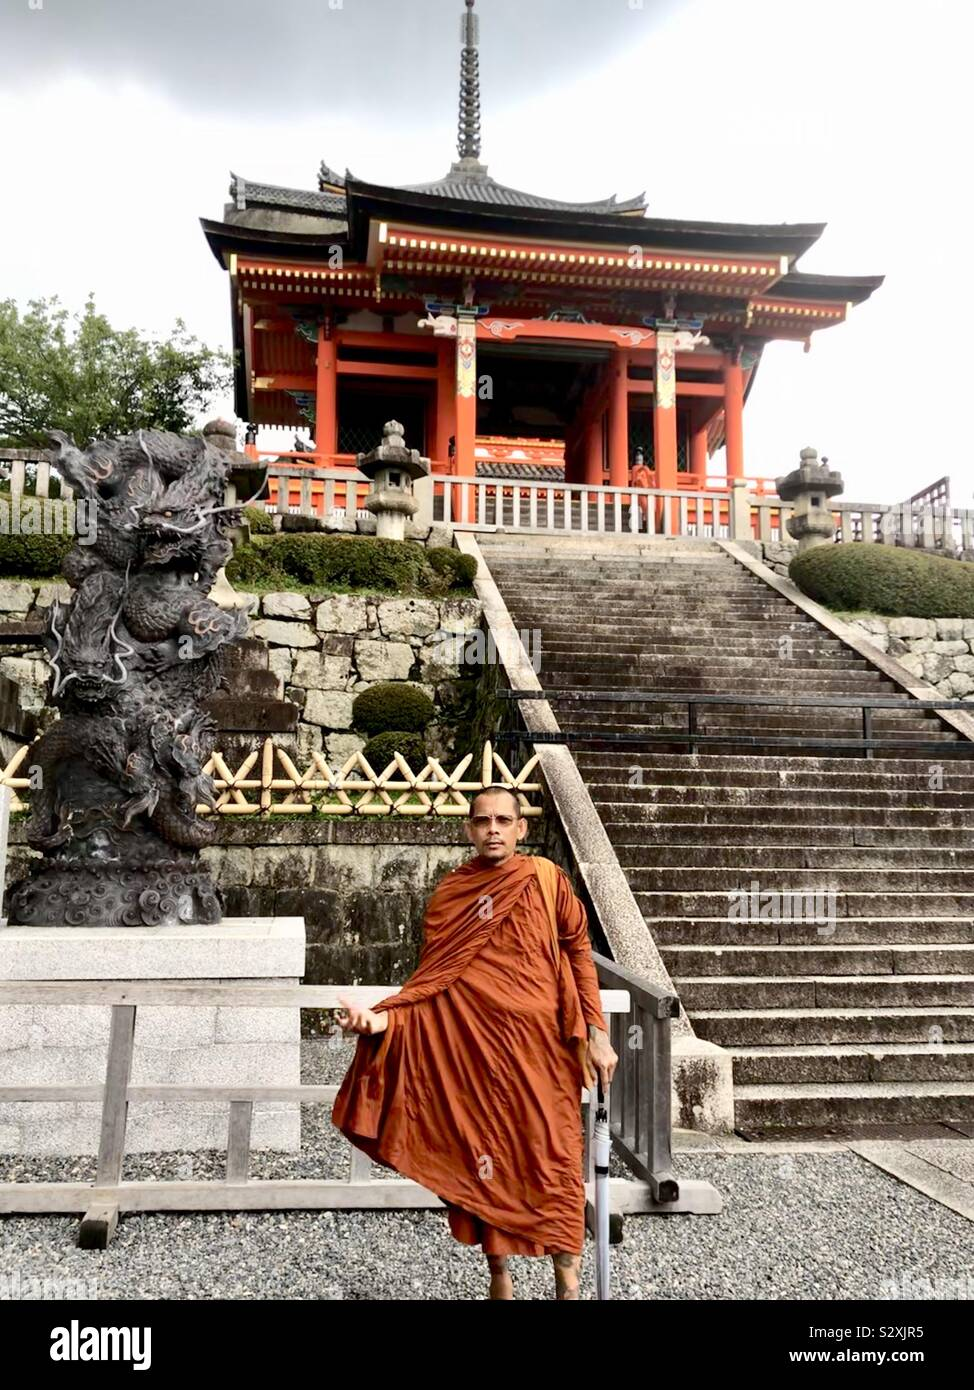 Sulla posizione: Kiyomizu-dera, Kyoto, Giappone. Foto Stock